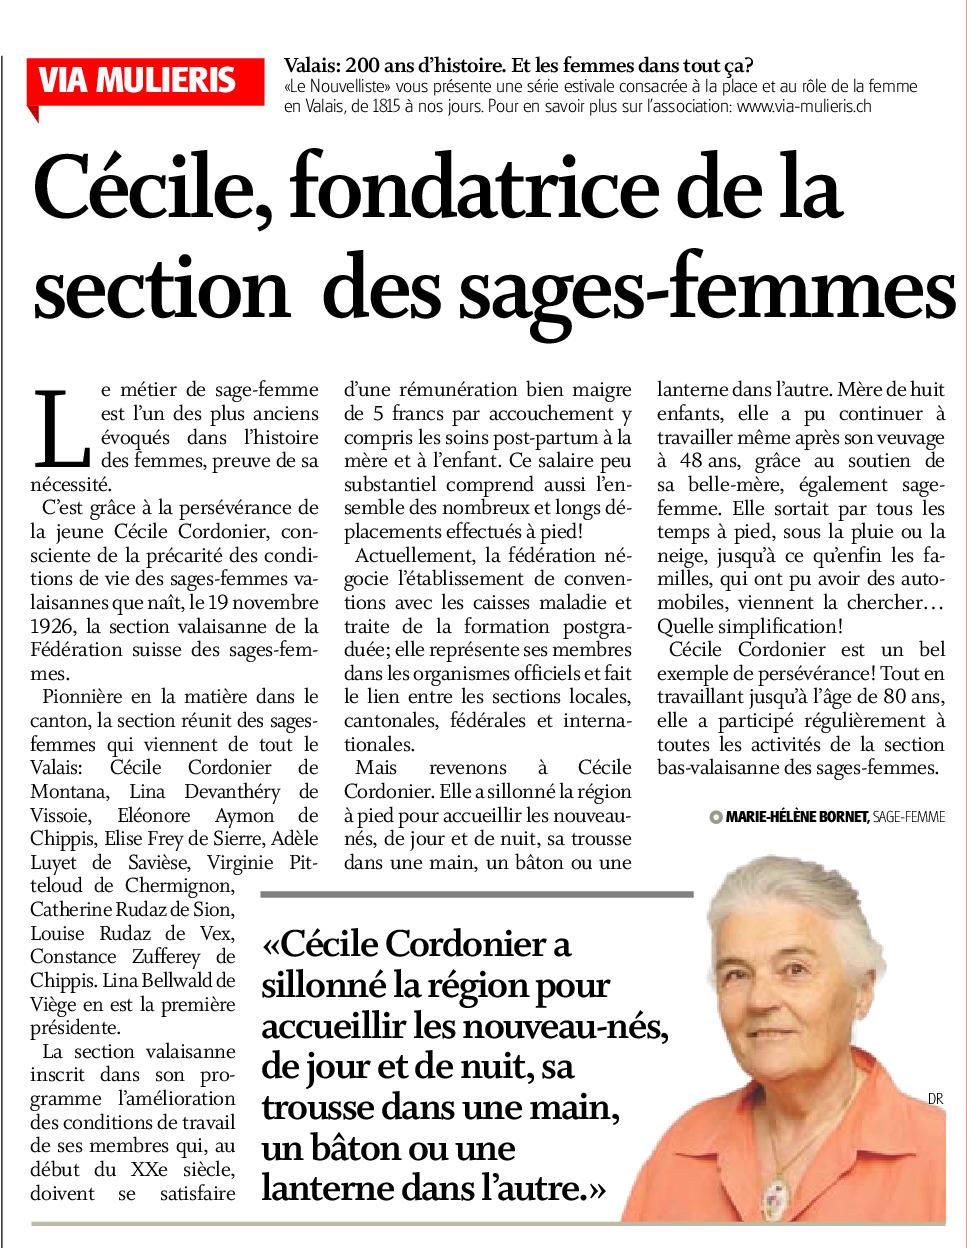 Cécile, fondatrice de la section des sages-femmes